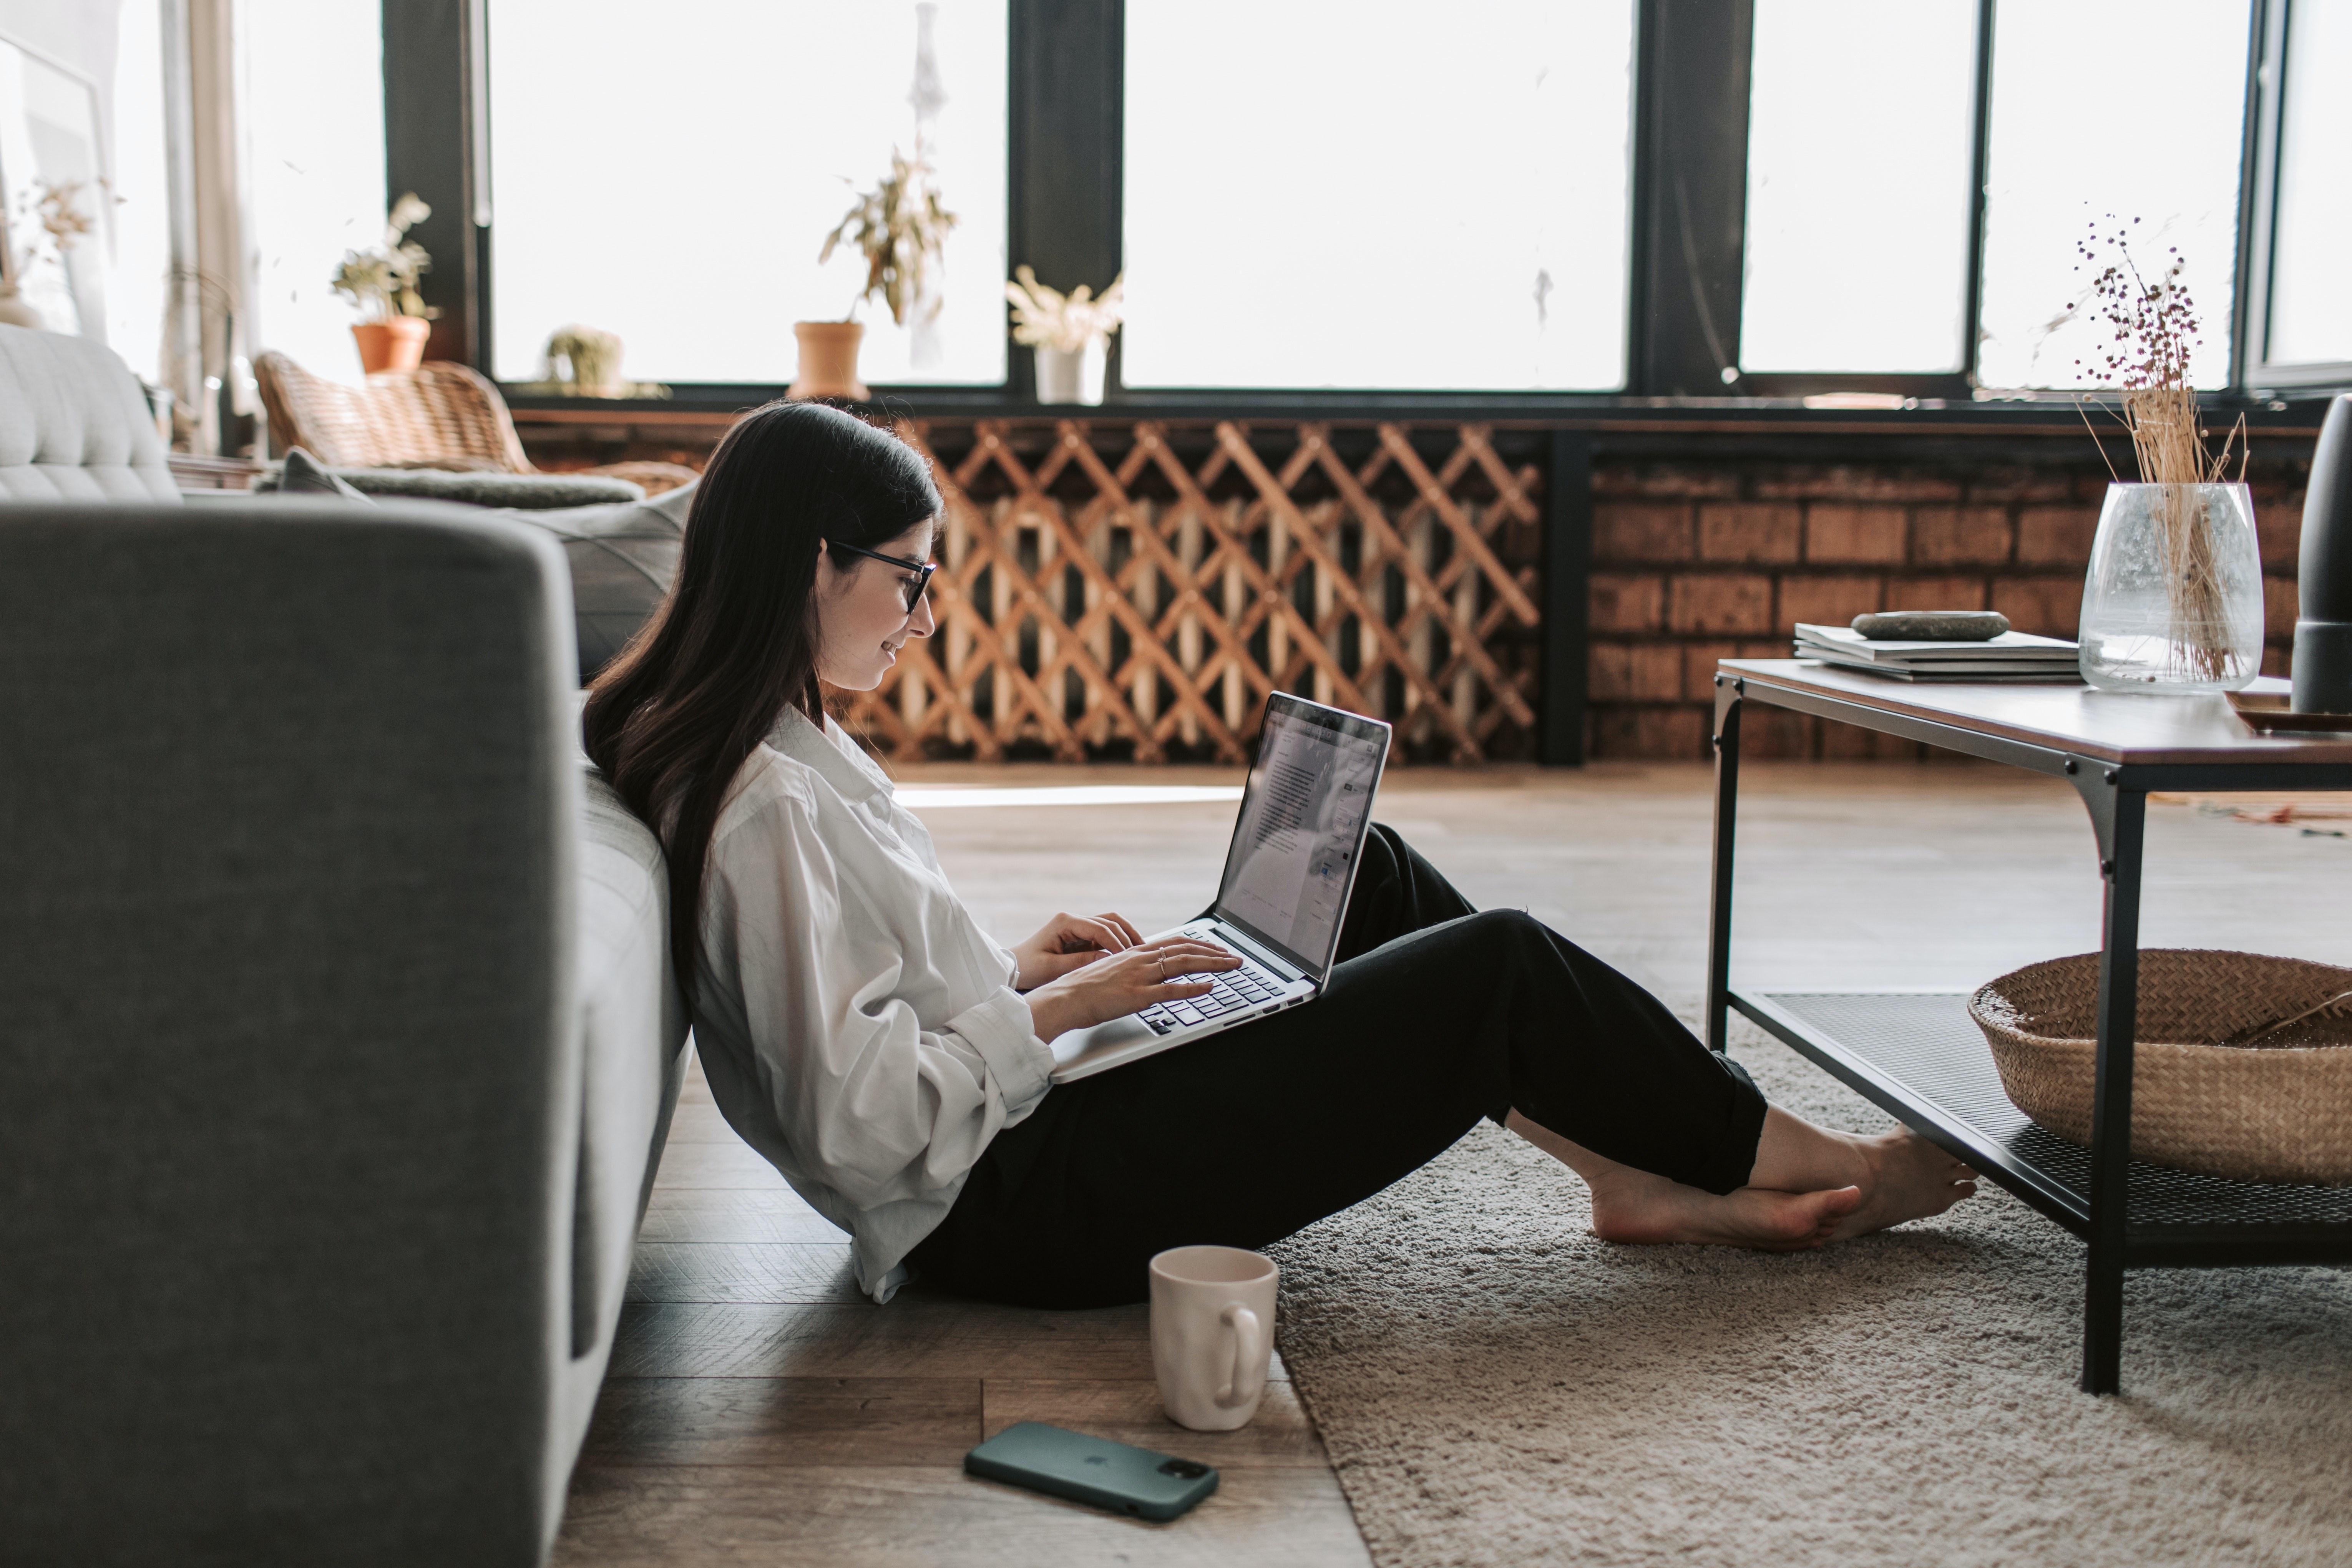 Santé des pieds, posture et télétravail: quels conseils?